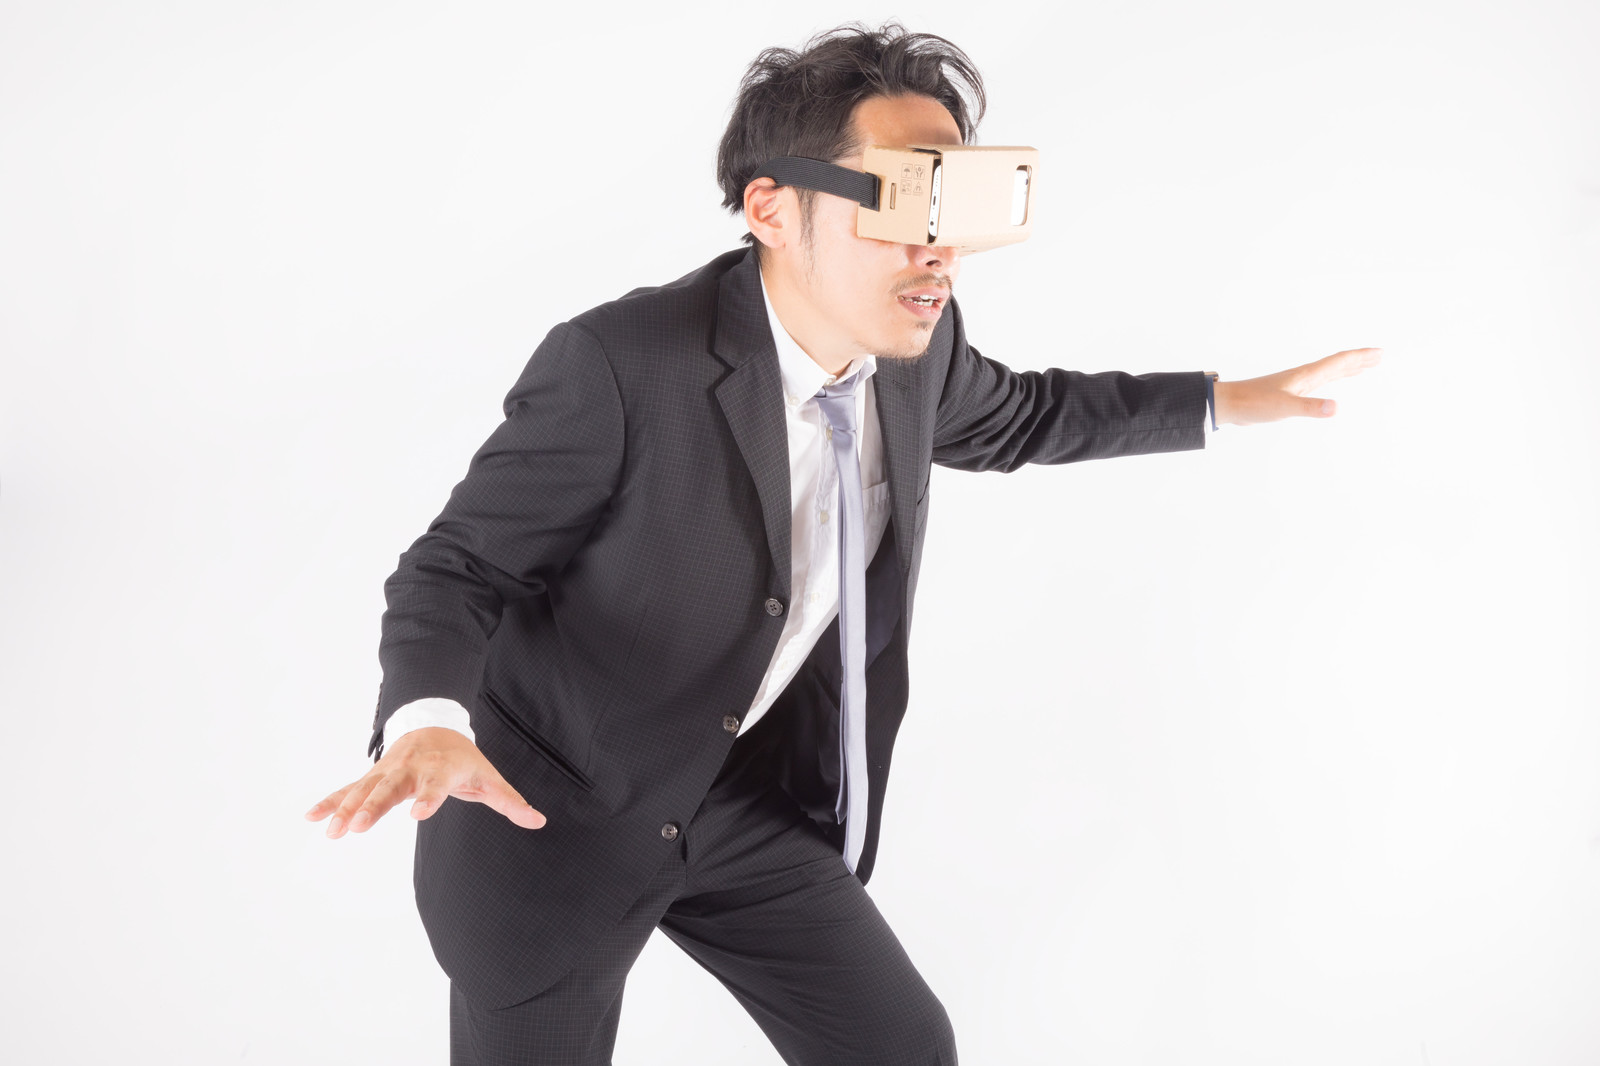 「バーチャルリアリティーの中で落下しそうな会社員バーチャルリアリティーの中で落下しそうな会社員」[モデル:ゆうせい]のフリー写真素材を拡大